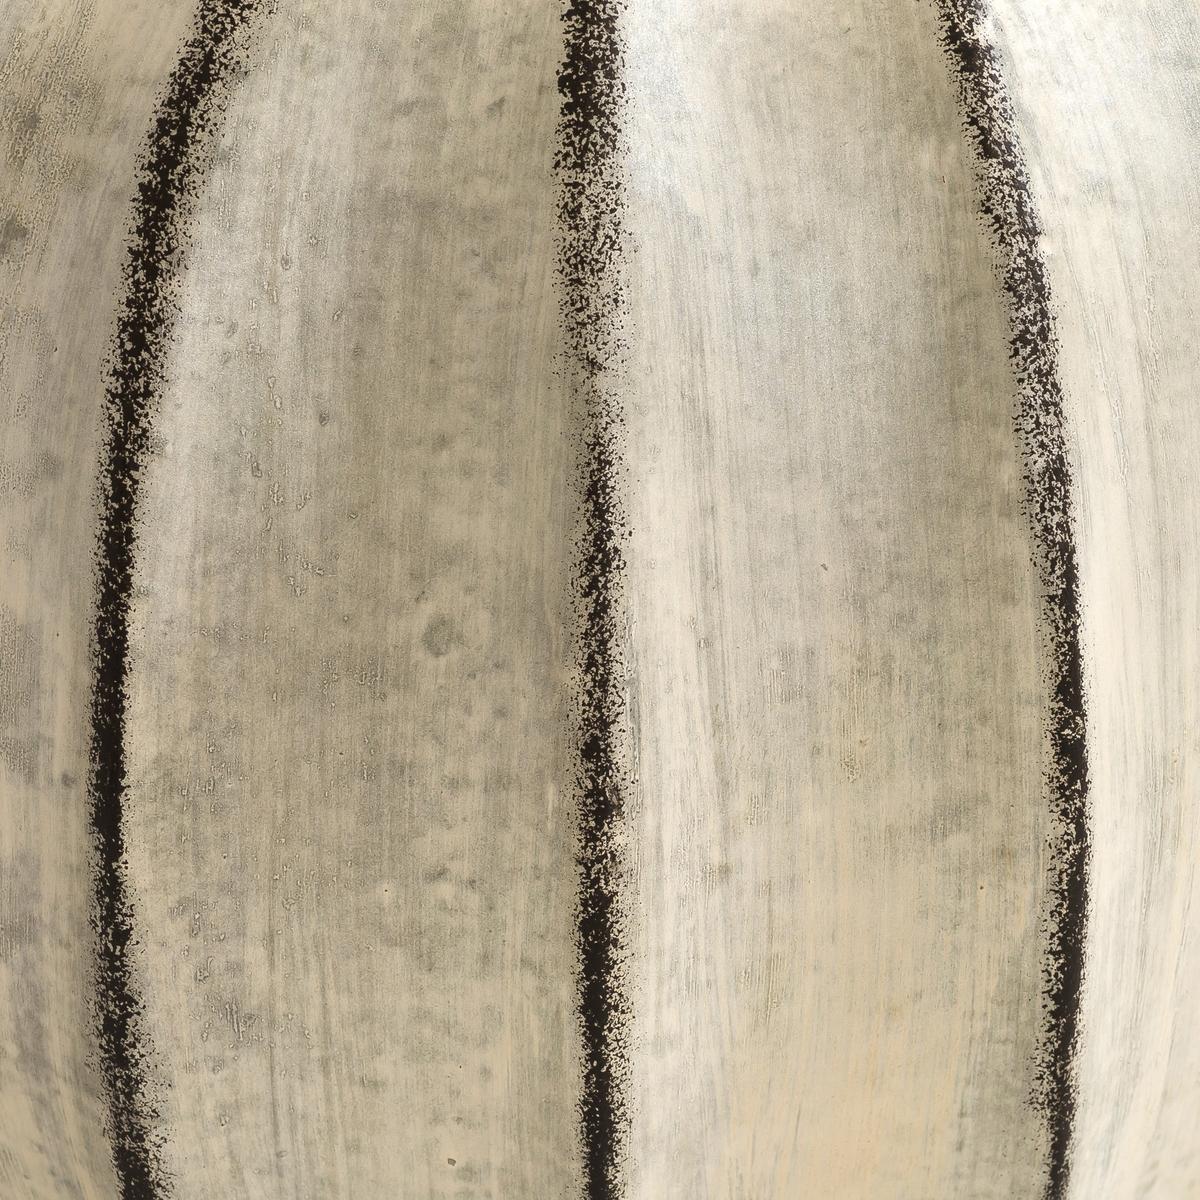 Ваза терракотовая Oren, малаяХарактеристики: : - Из терракоты, черные выступающие грани, эффект старения .Размеры : - Диаметр 30 x Выс. 30 см<br><br>Цвет: серый